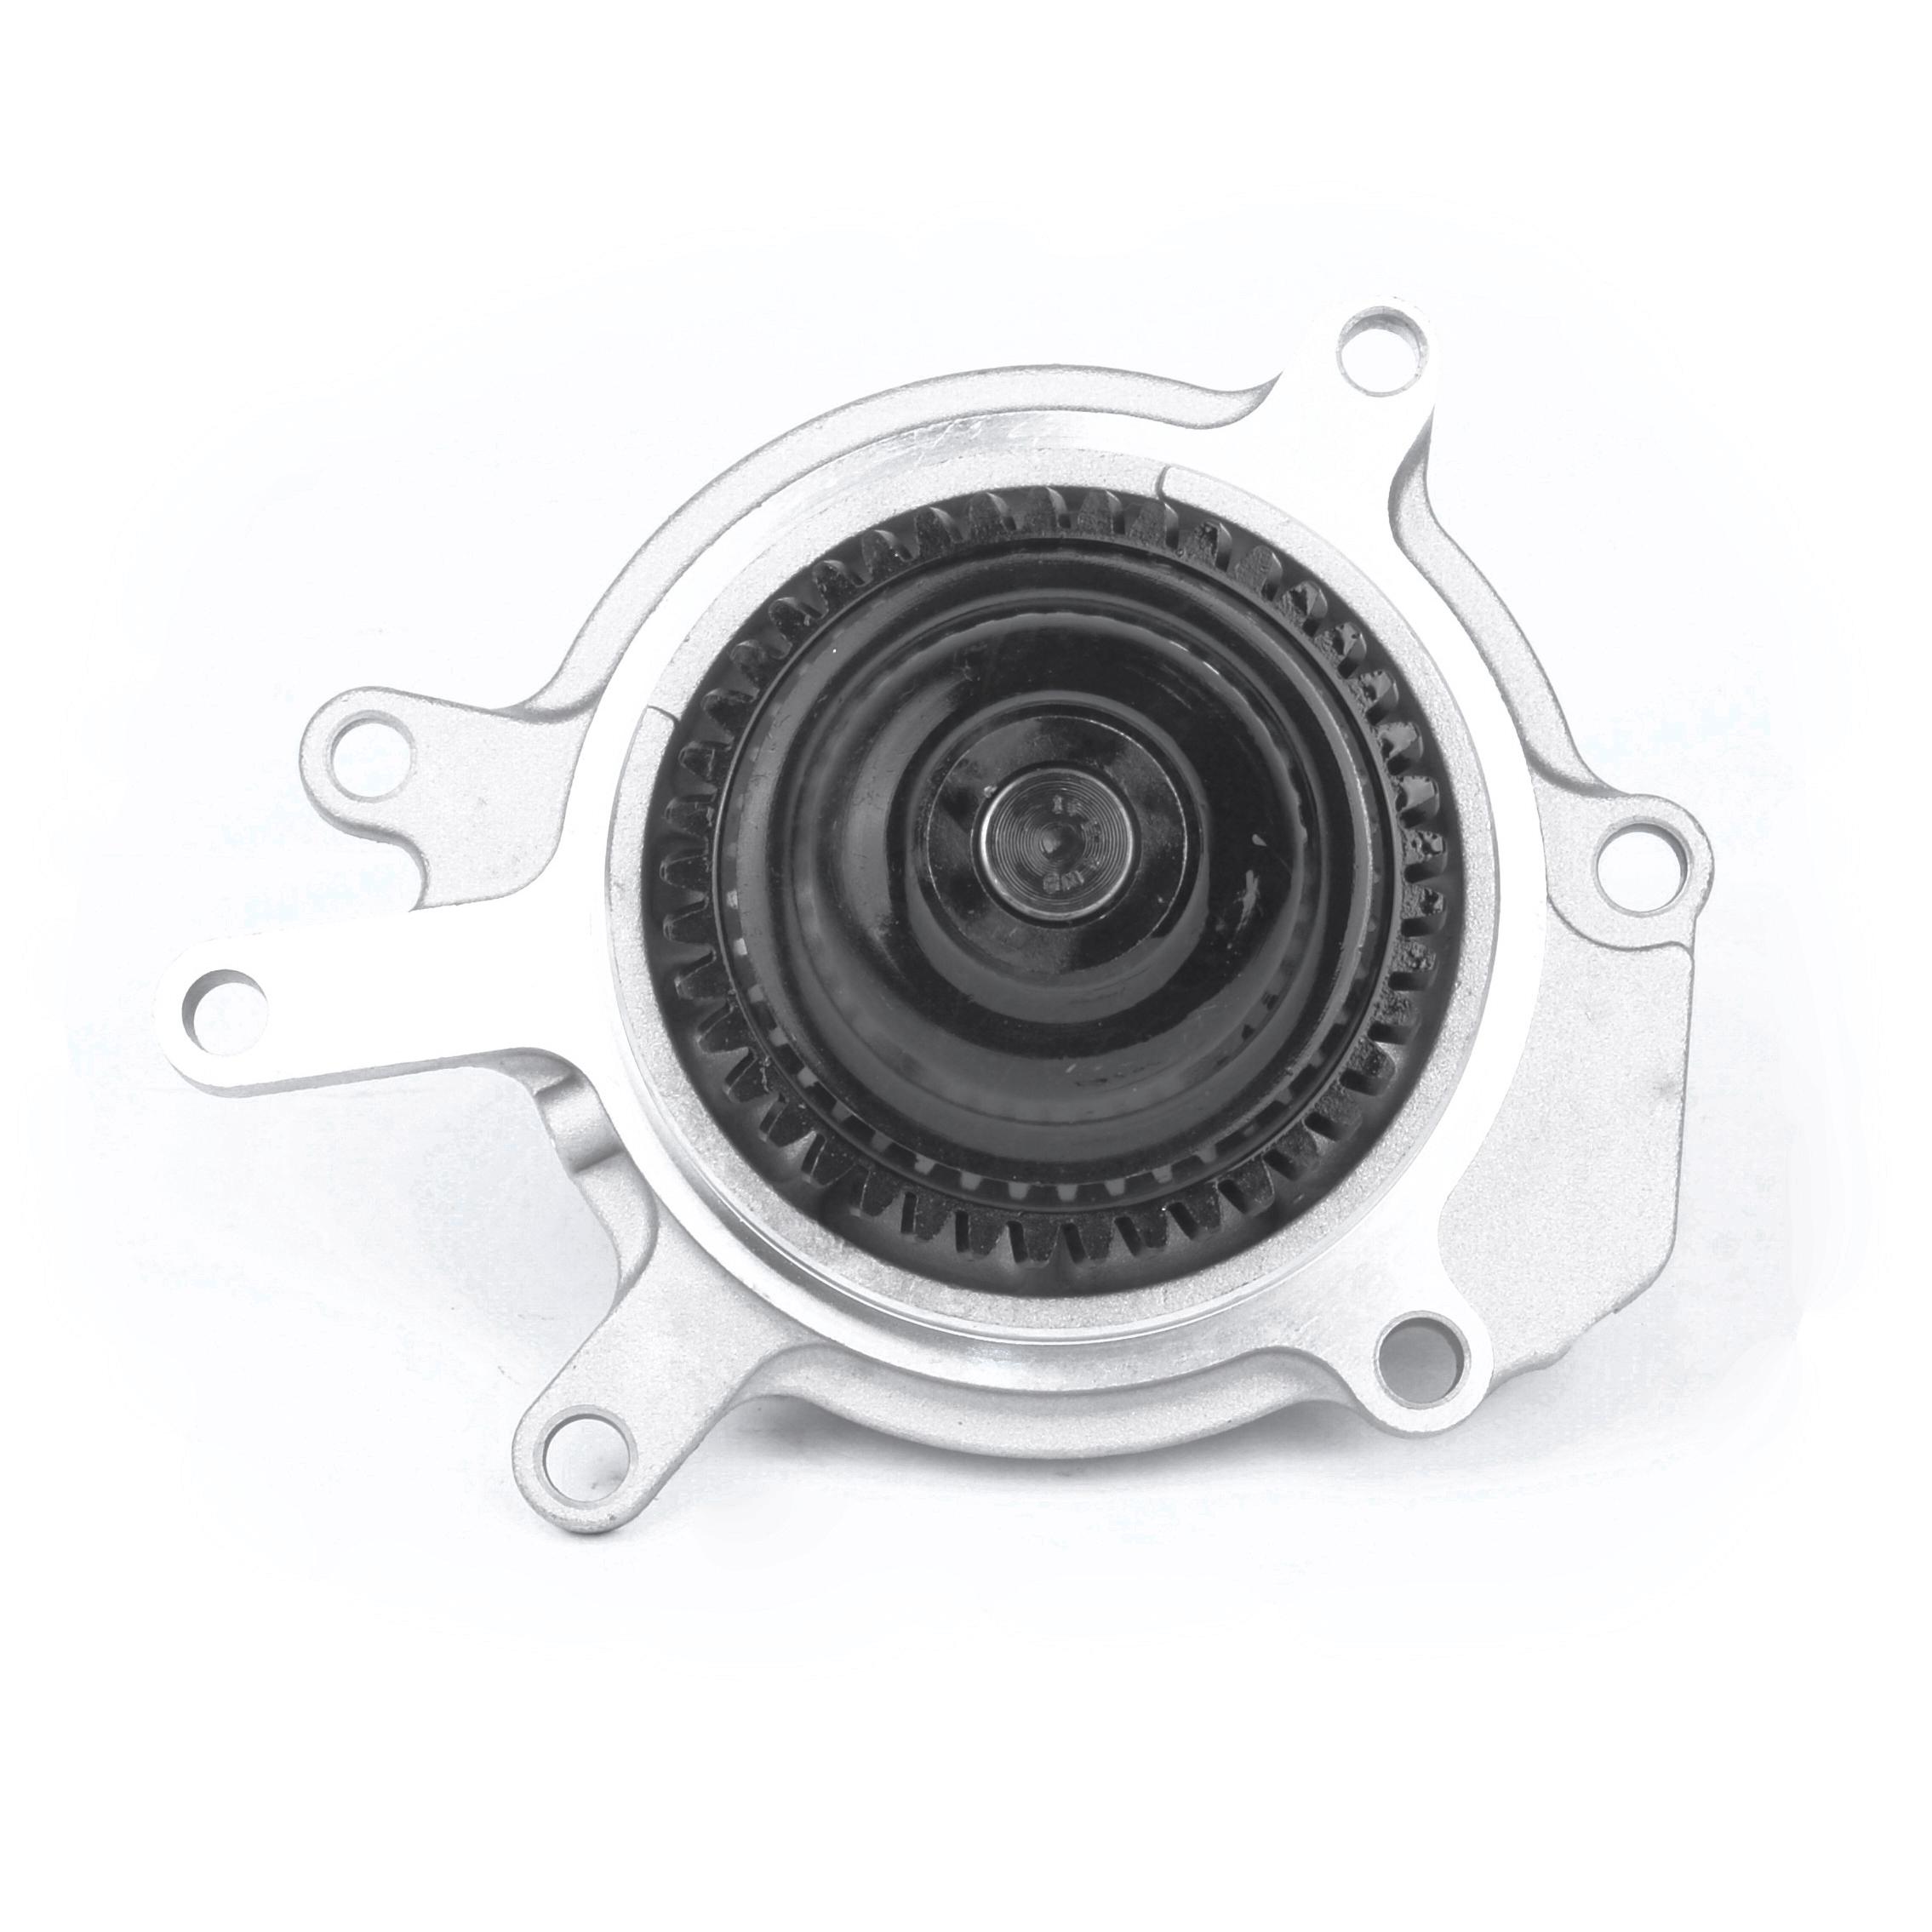 Water Pump For 6.6L Duramax V8 Diesel LMM LBZ Chevy